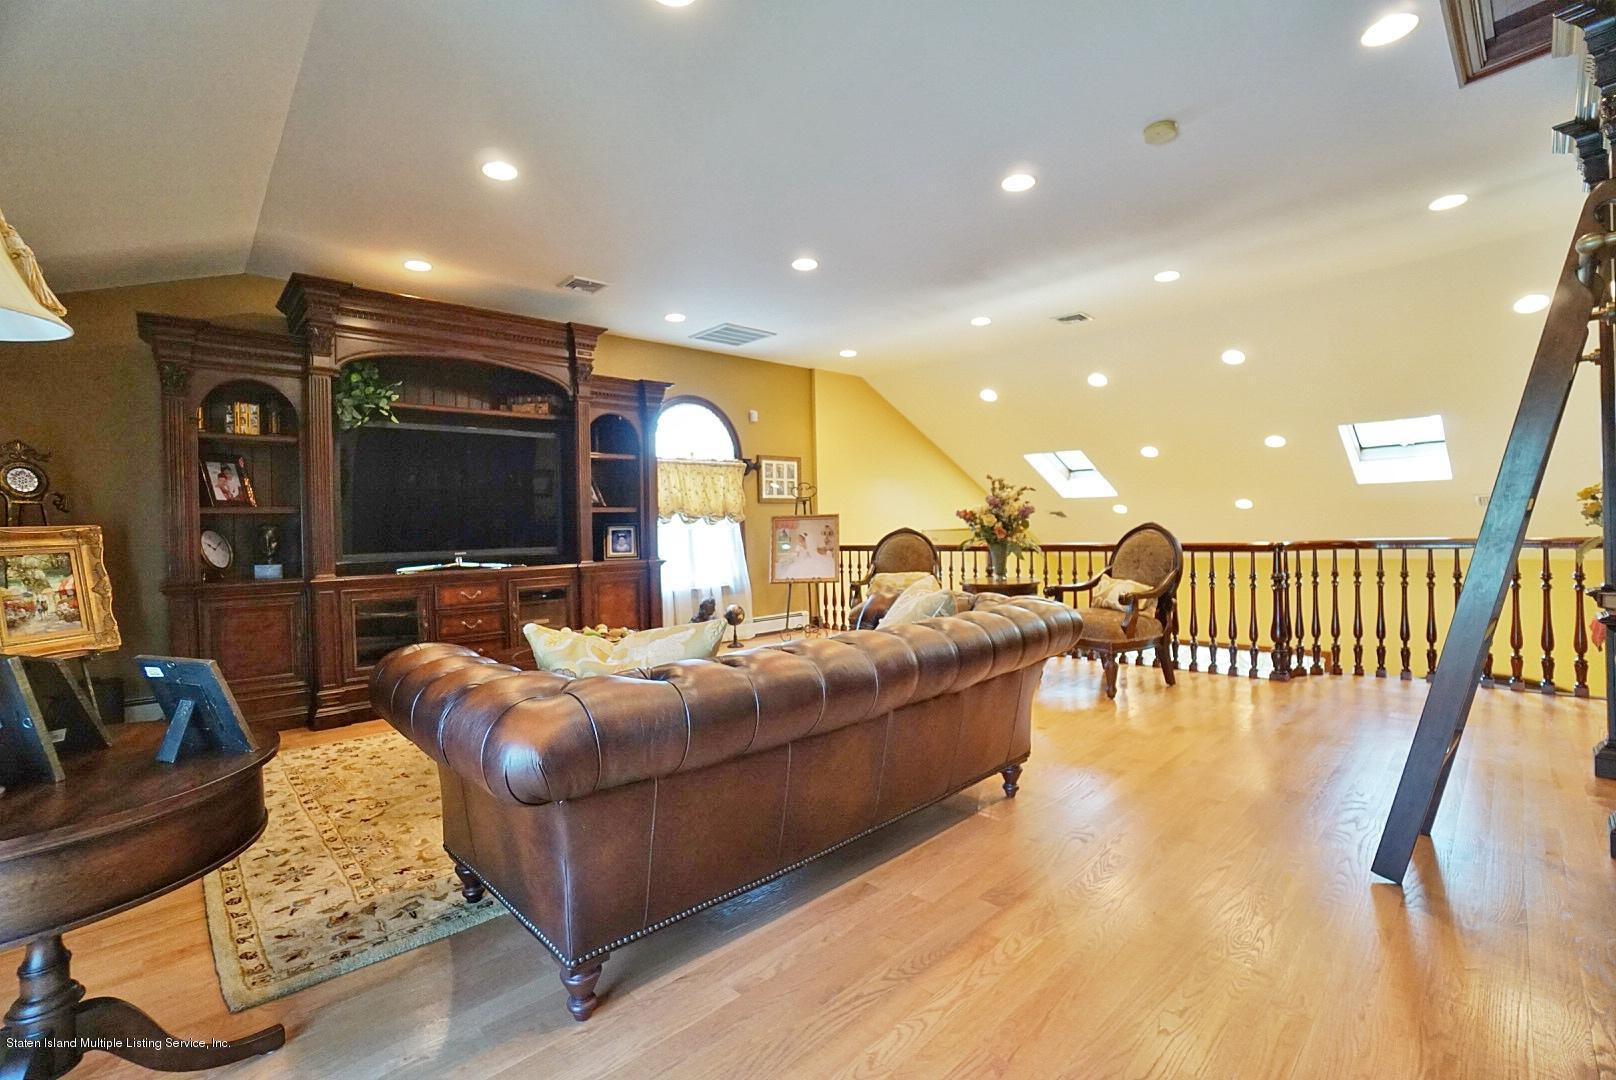 Single Family - Detached 337 Thomas Street  Staten Island, NY 10306, MLS-1129114-54